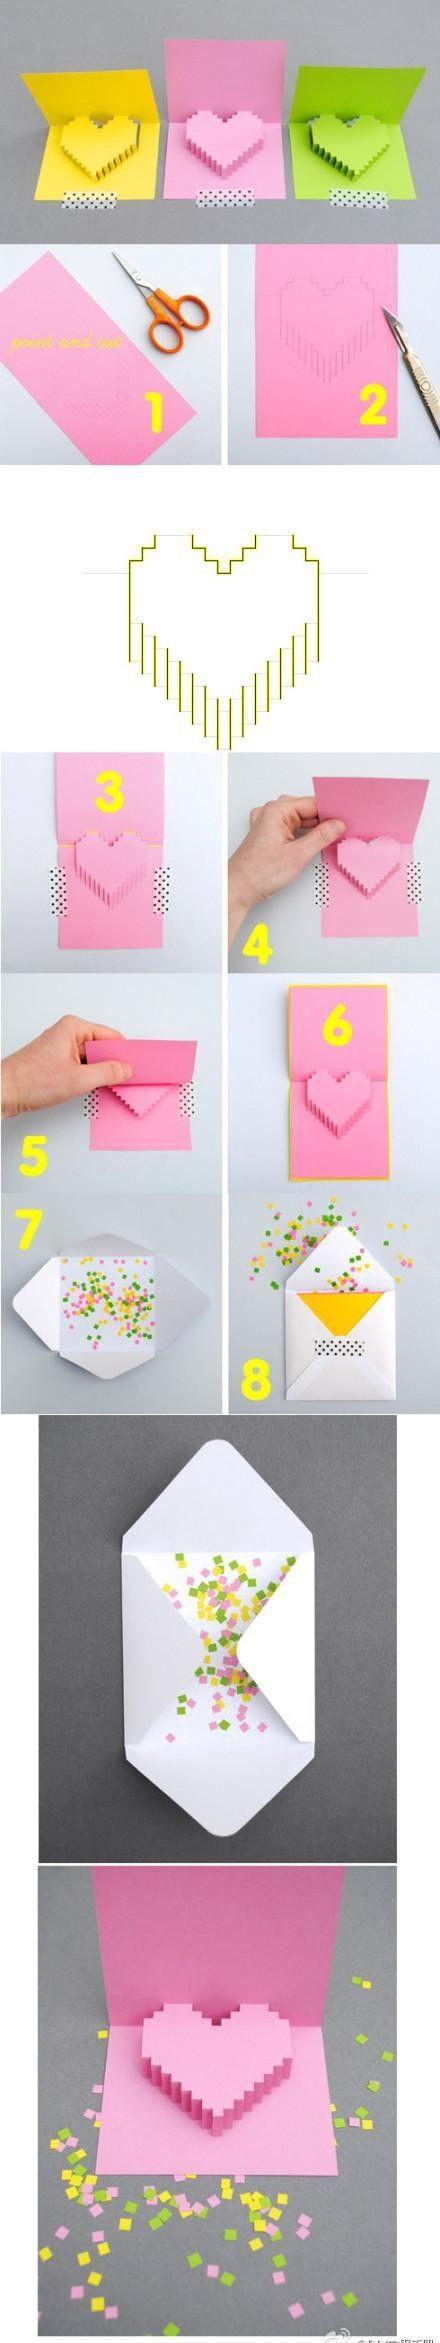 Поздравлением, как сделать объемное сердце из бумаги на открытку